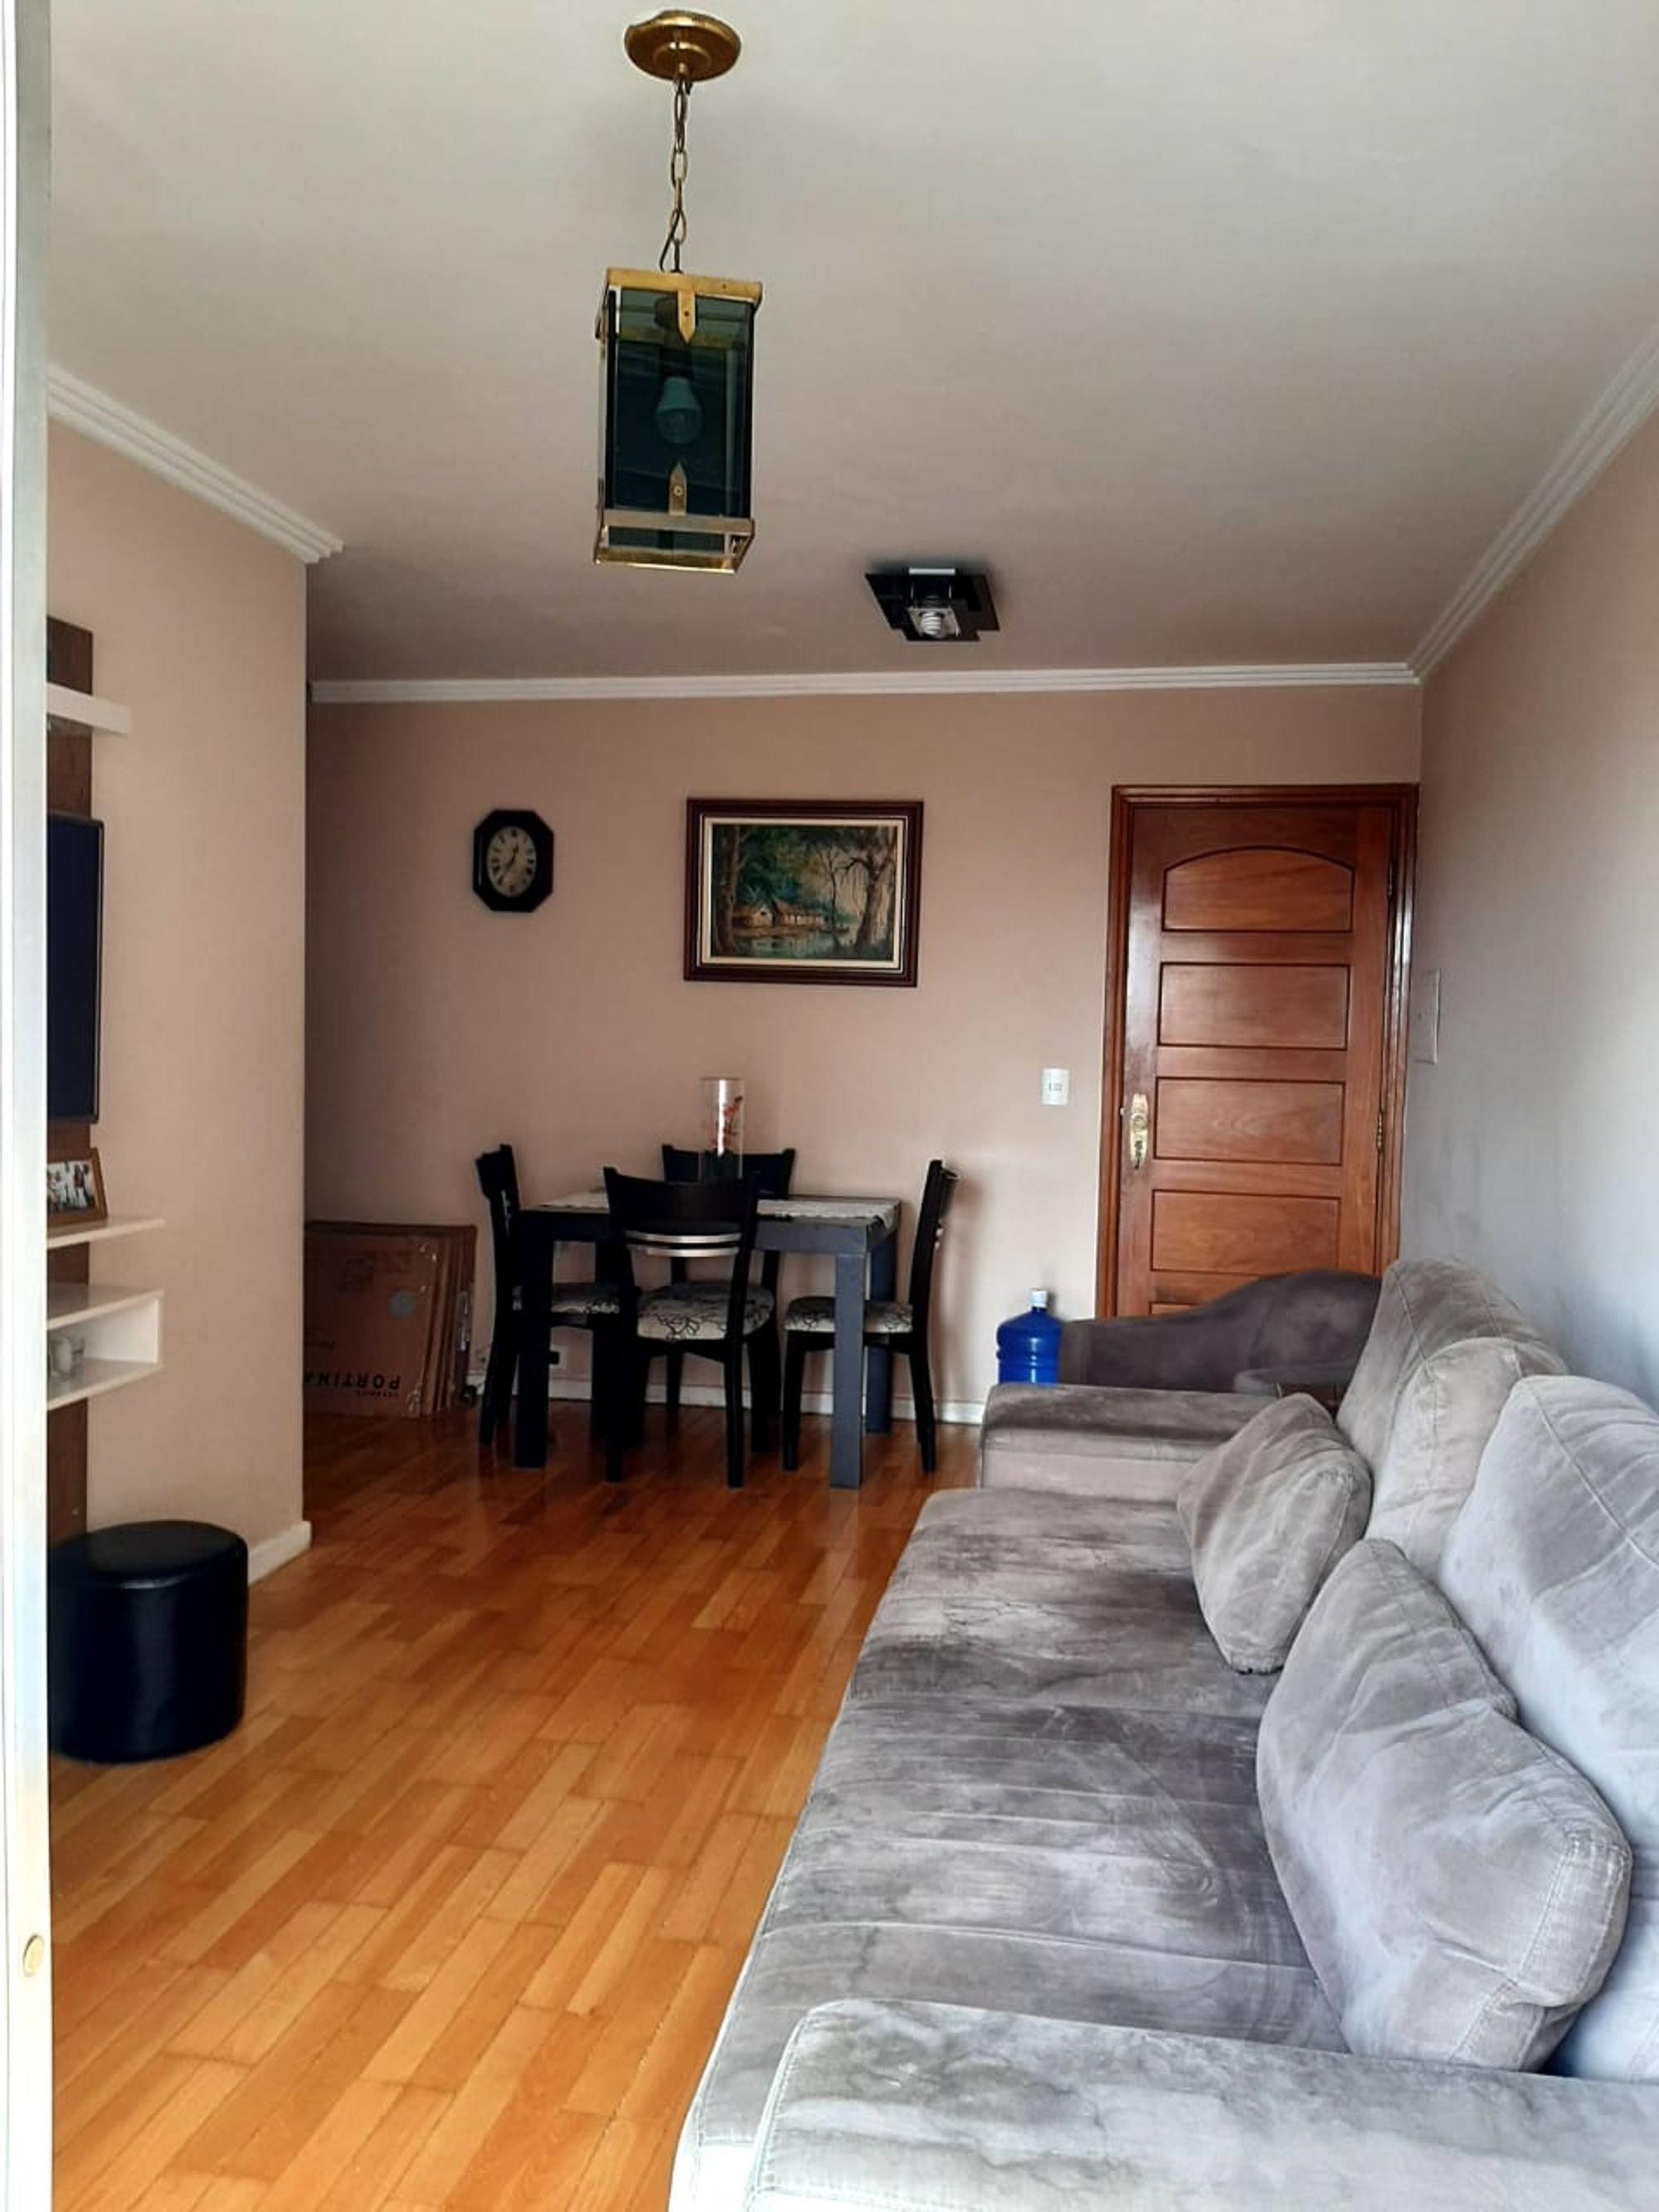 Foto de Sala com cama, cadeira, relógio